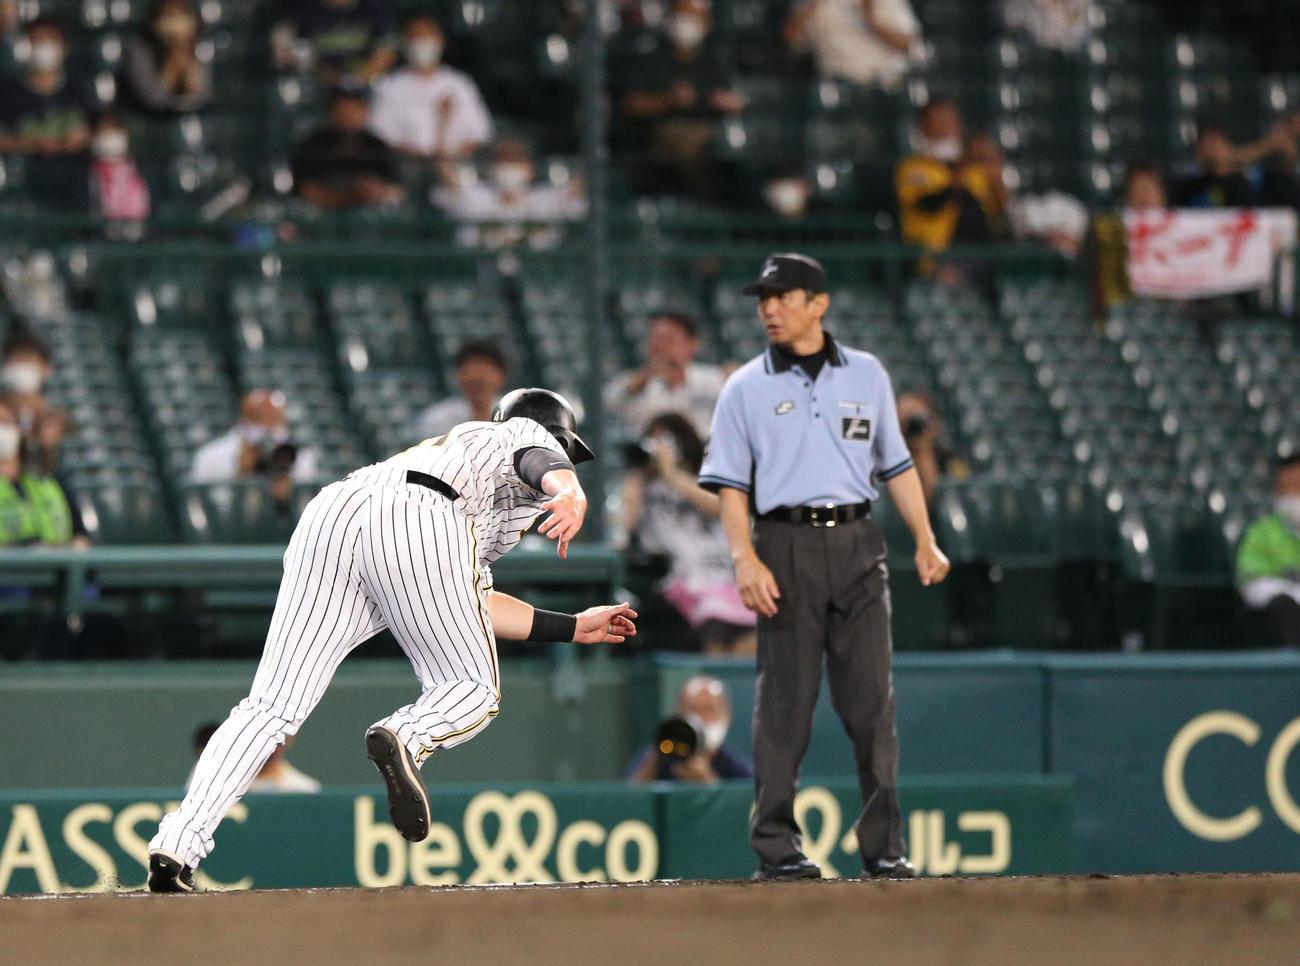 阪神対ヤクルト4回戦 7回裏阪神2死一塁、一走ジャスティン・ボーアはジェリー・サンズの右二塁打で一気にホームを狙うが慌てて引き返す(撮影・上山淳一)